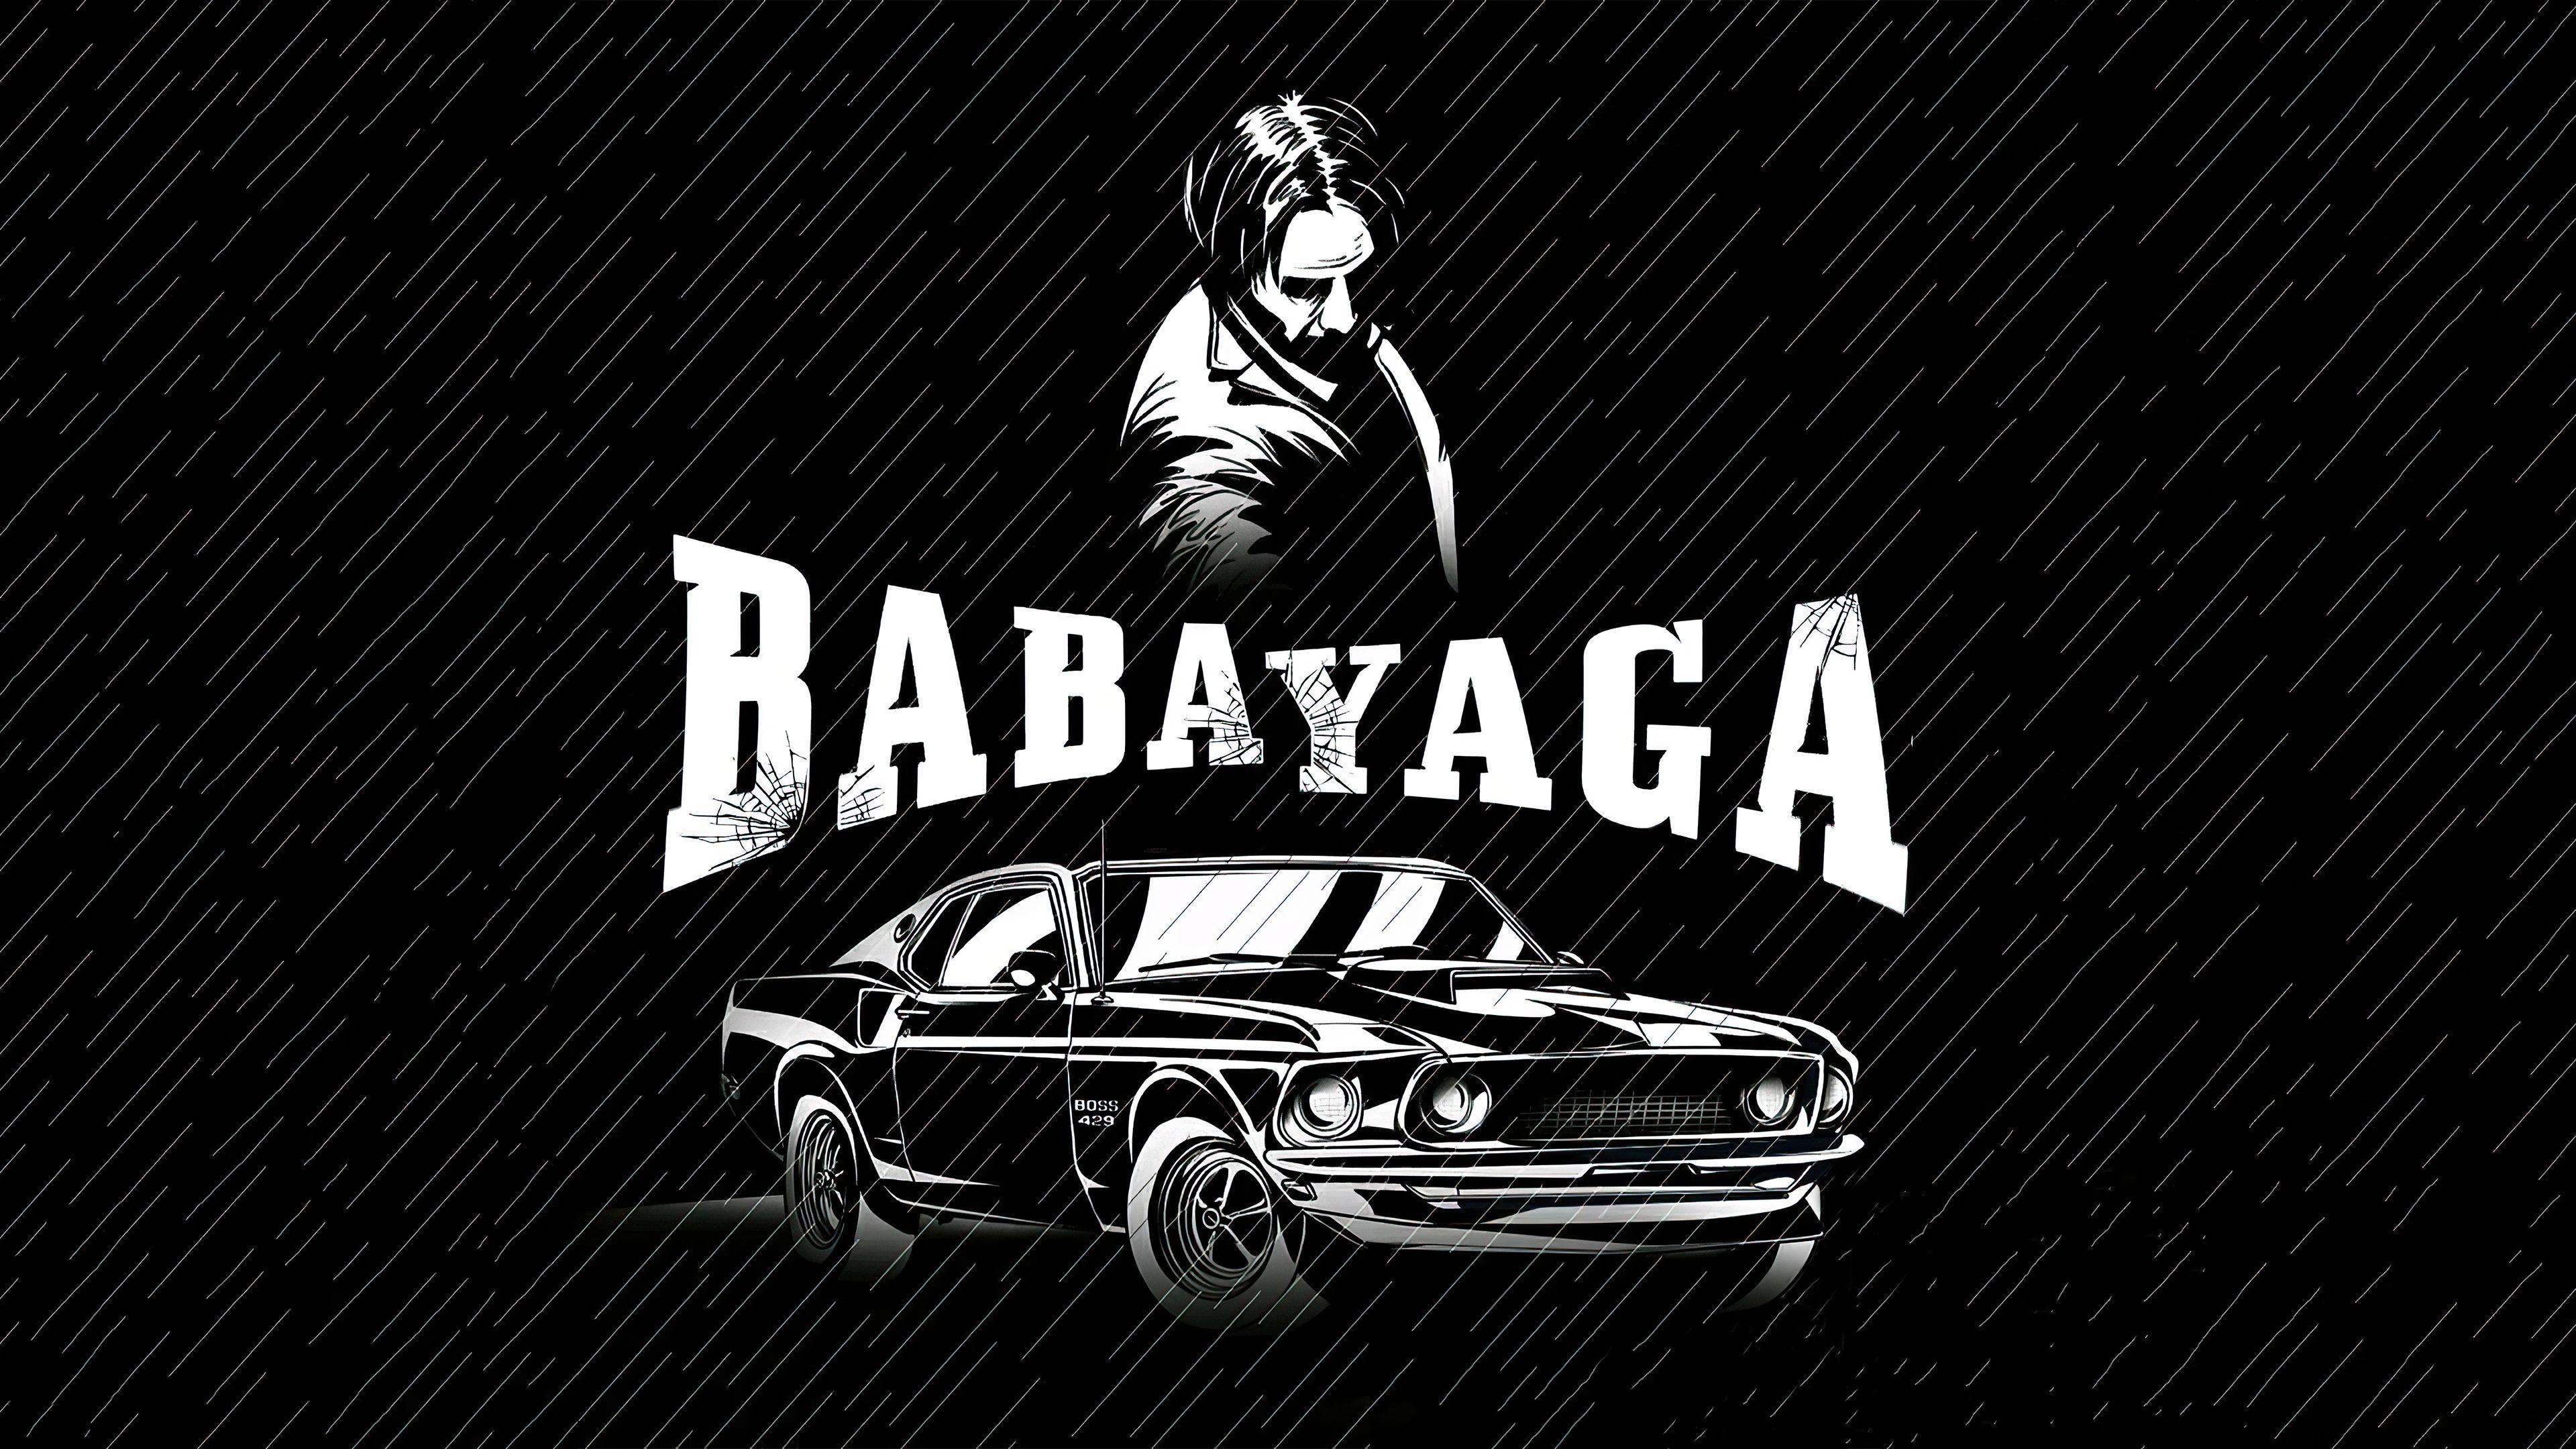 Baba Yaga Baba Yaga Wallpapers Baba Yaga John Wick Wallpapers 4k Baba Yaga 4k Wallpapers Baba Yaga Movie Wallpapers Wallpaper